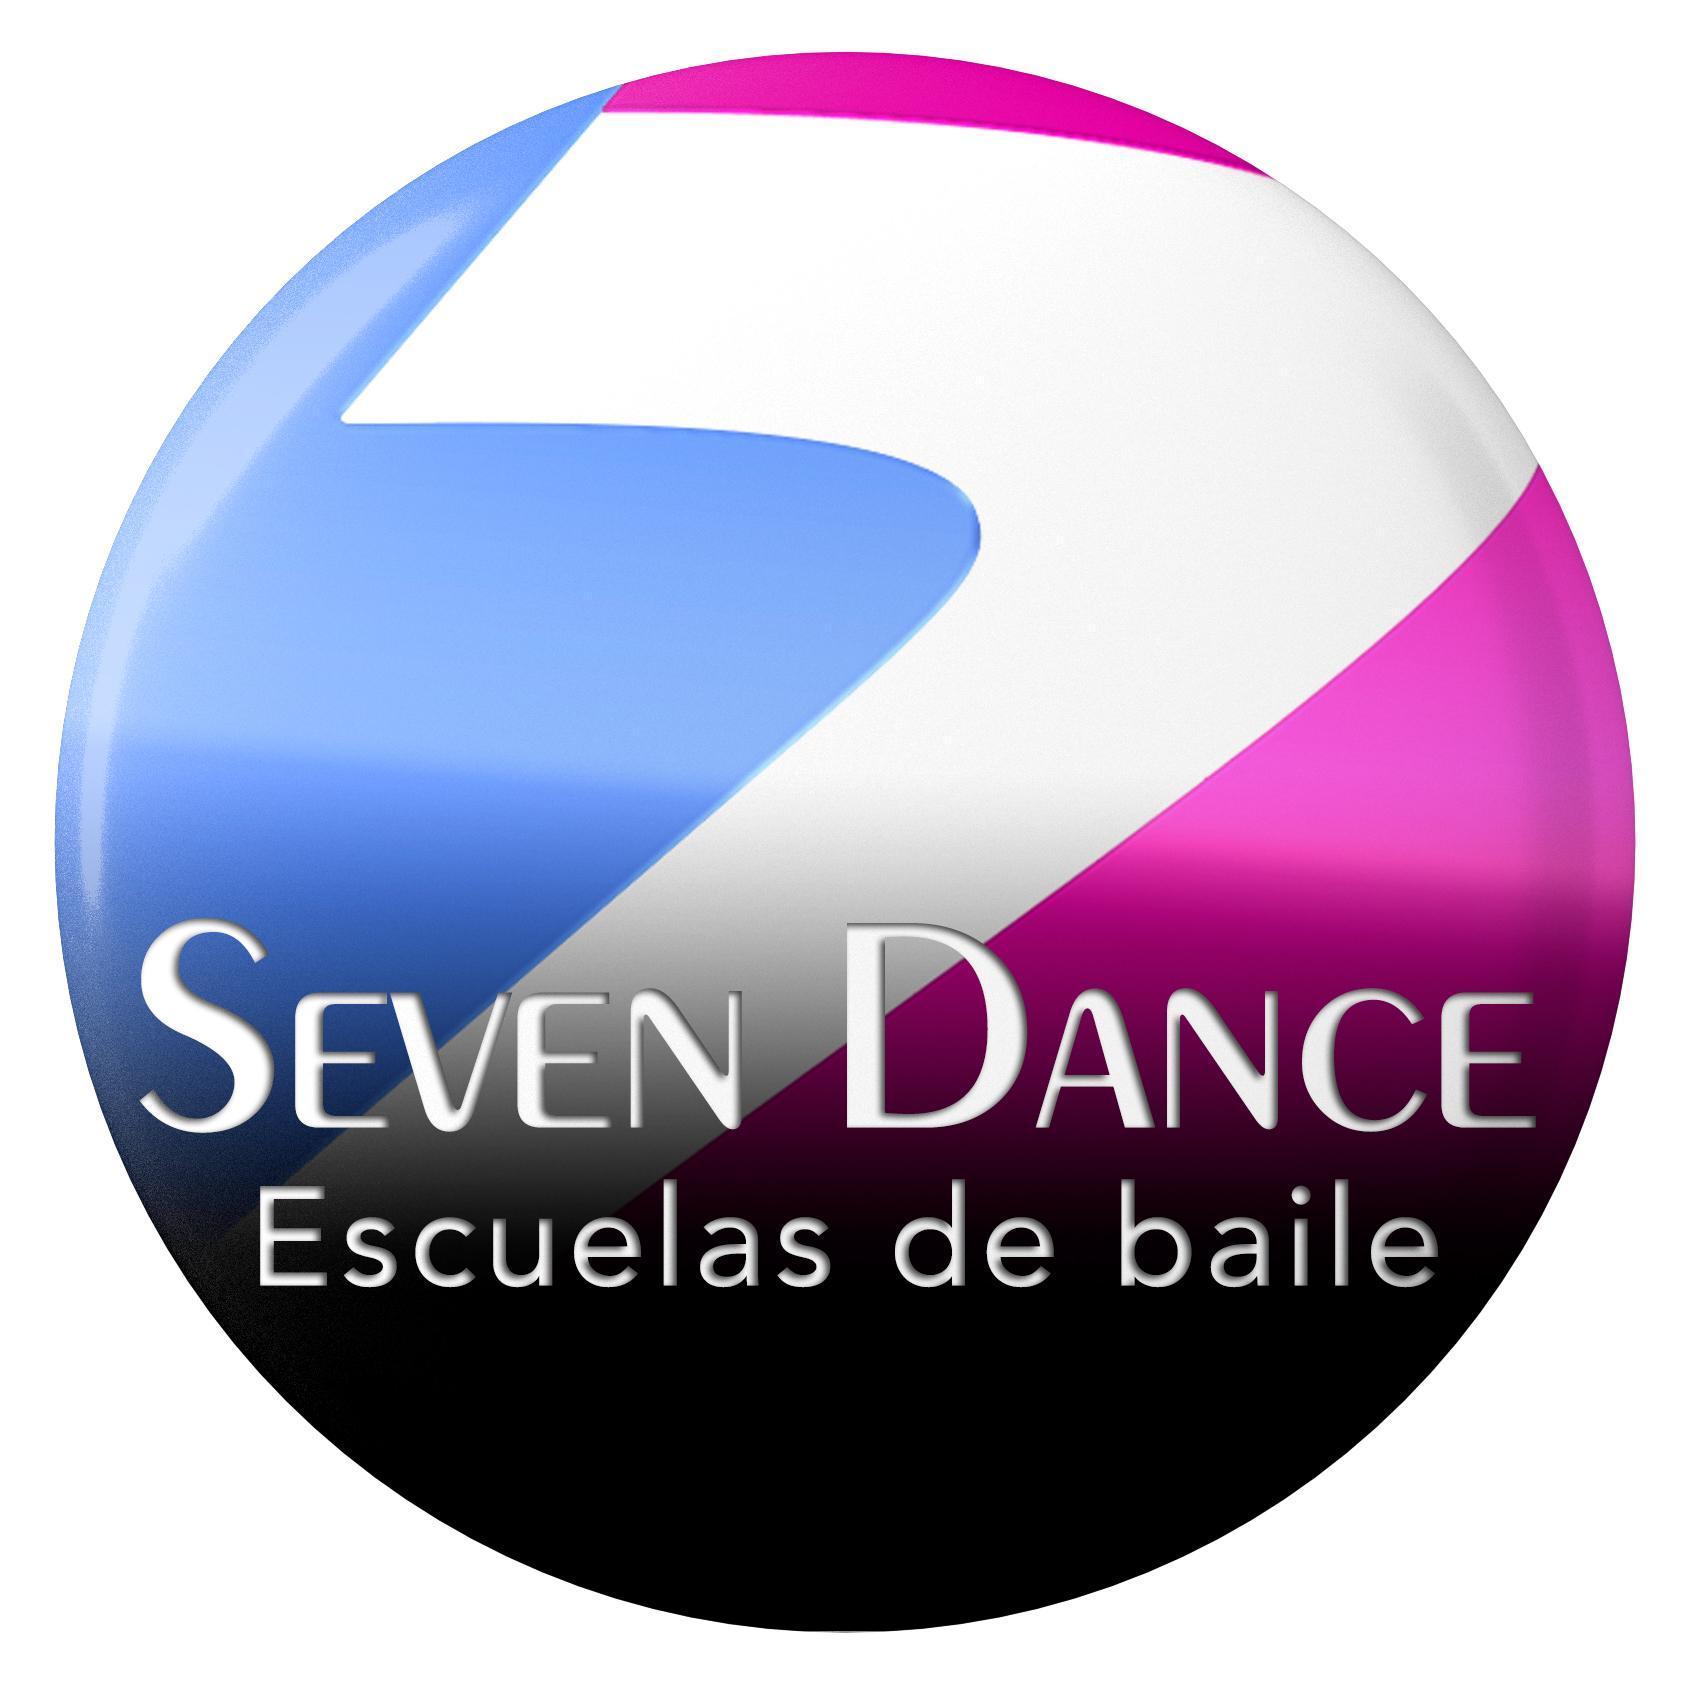 Clase de baile GRATUITA para curso TRIMESTRAL de iniciación a la Salsa de Abril a Junio repartido en 10h. e incluye 100h. de prácticas de baile todos los jueves y sábados noche en nuestro Dio Club.